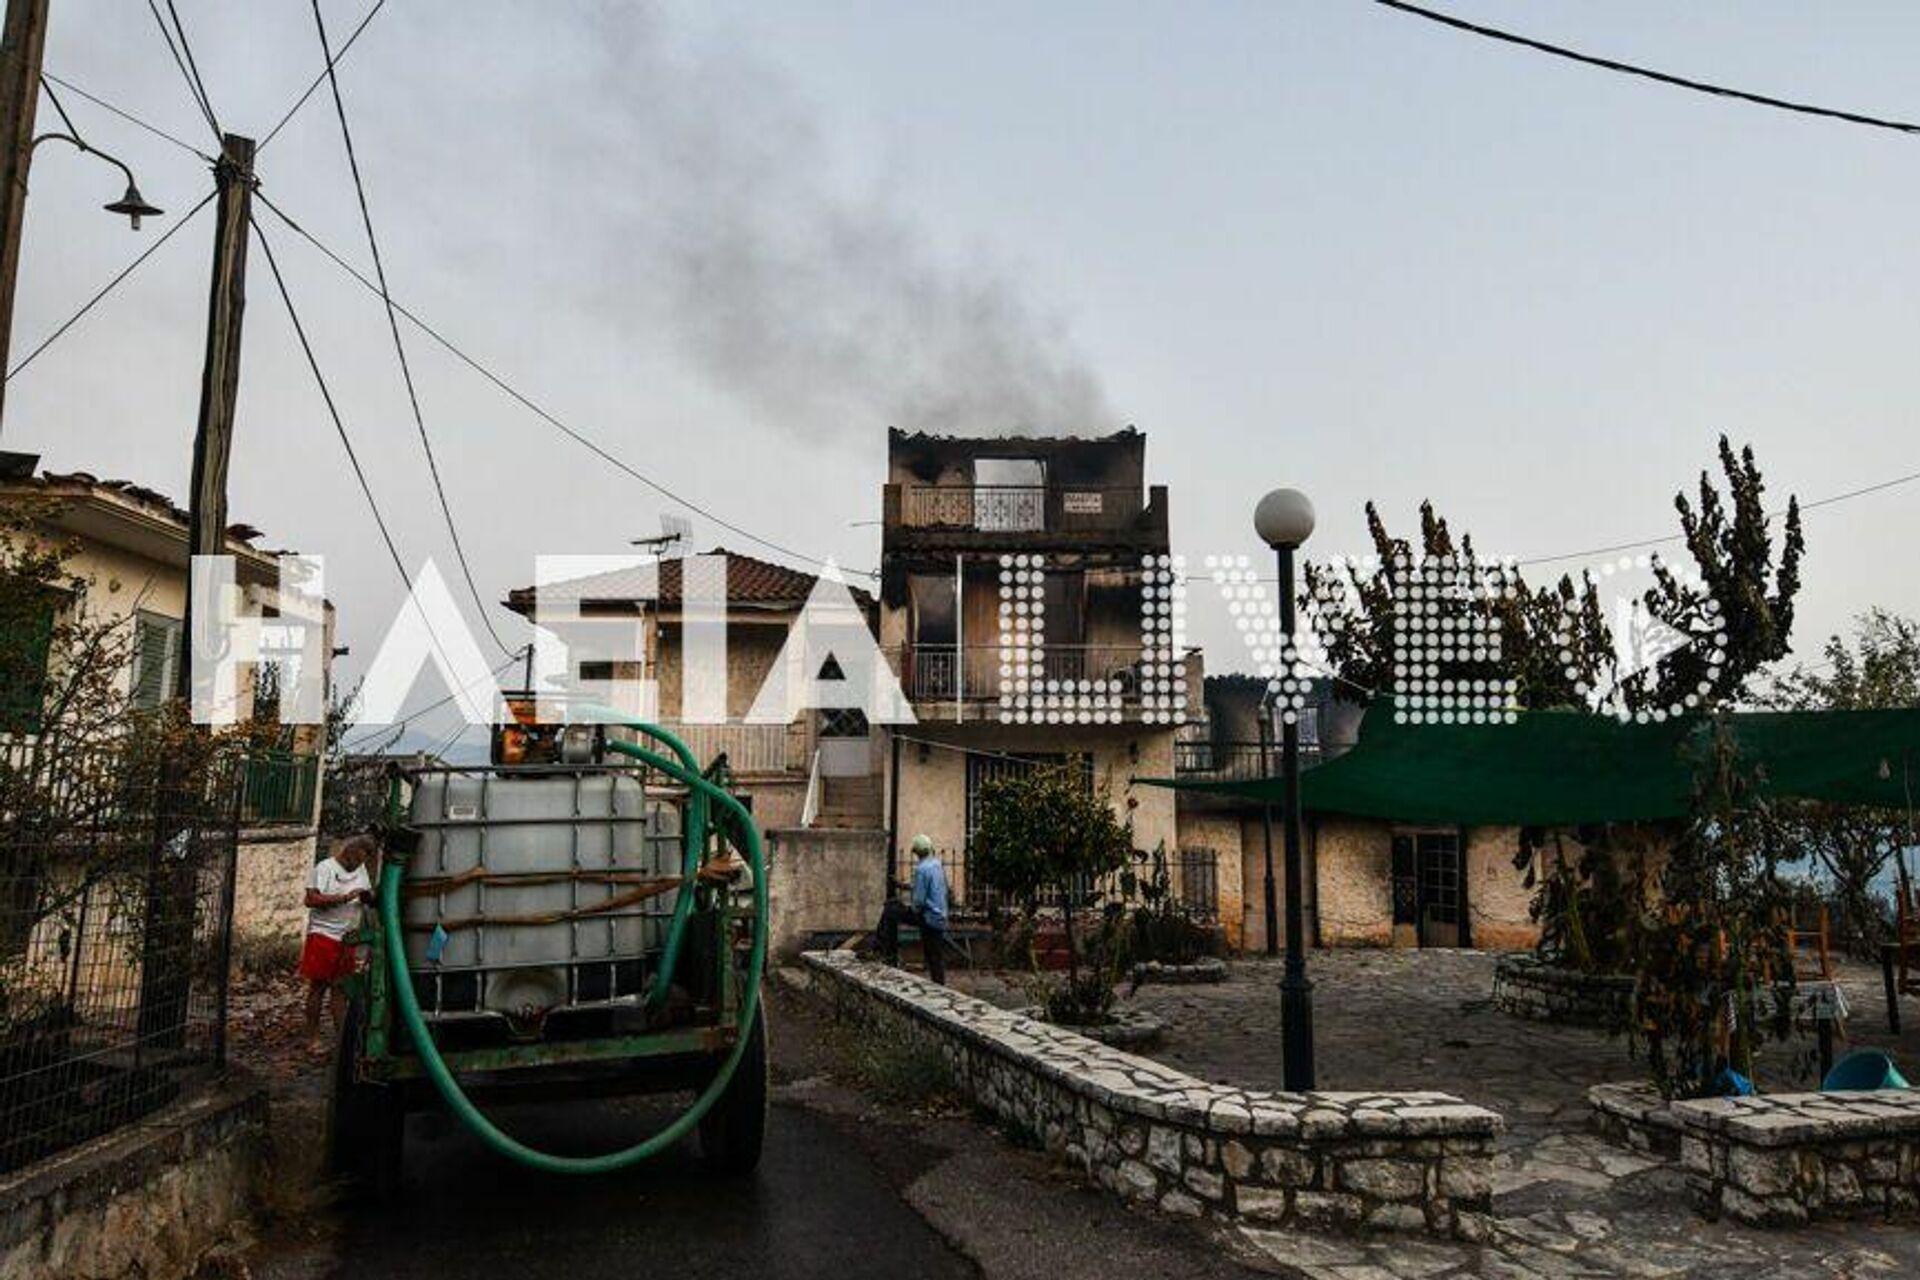 Γορτυνία: Συγκλονιστικές εικόνες καταστροφής από τη φωτιά - Sputnik Ελλάδα, 1920, 11.08.2021